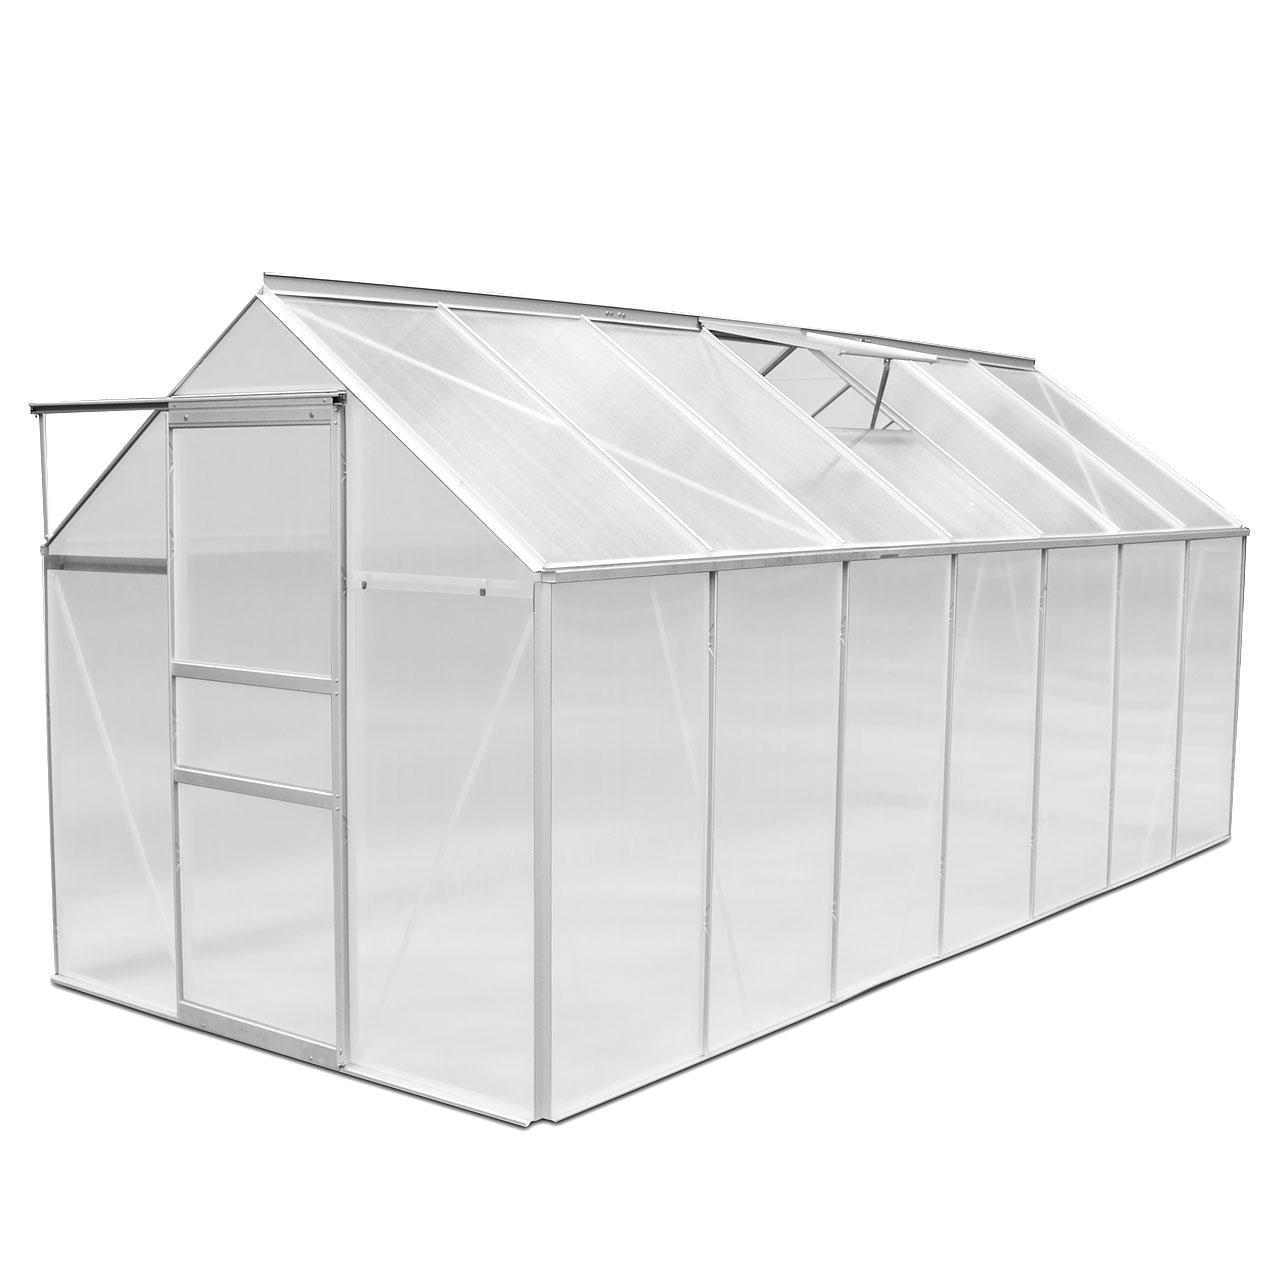 ALU-Gewaechshaus-Garten-Treibhaus-Tomaten-Fruehbeet-inkl-Fenster-6mm-diverse-Masse